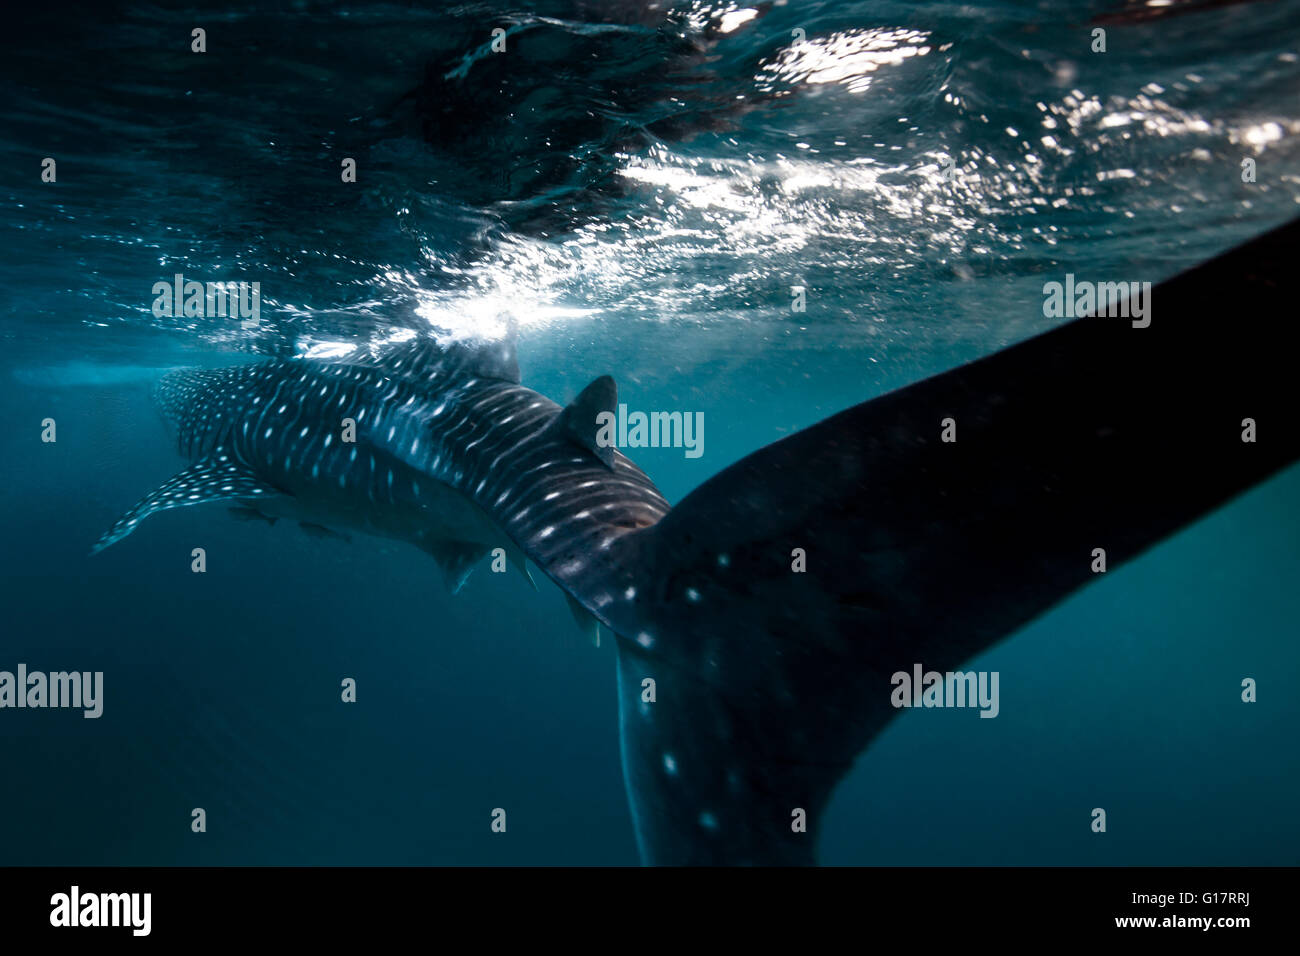 Whale Shark (Rhincodon Typus) Schwimmen im tiefen Wasser vor Malapascua Island, Cebu, Philippinen Stockbild